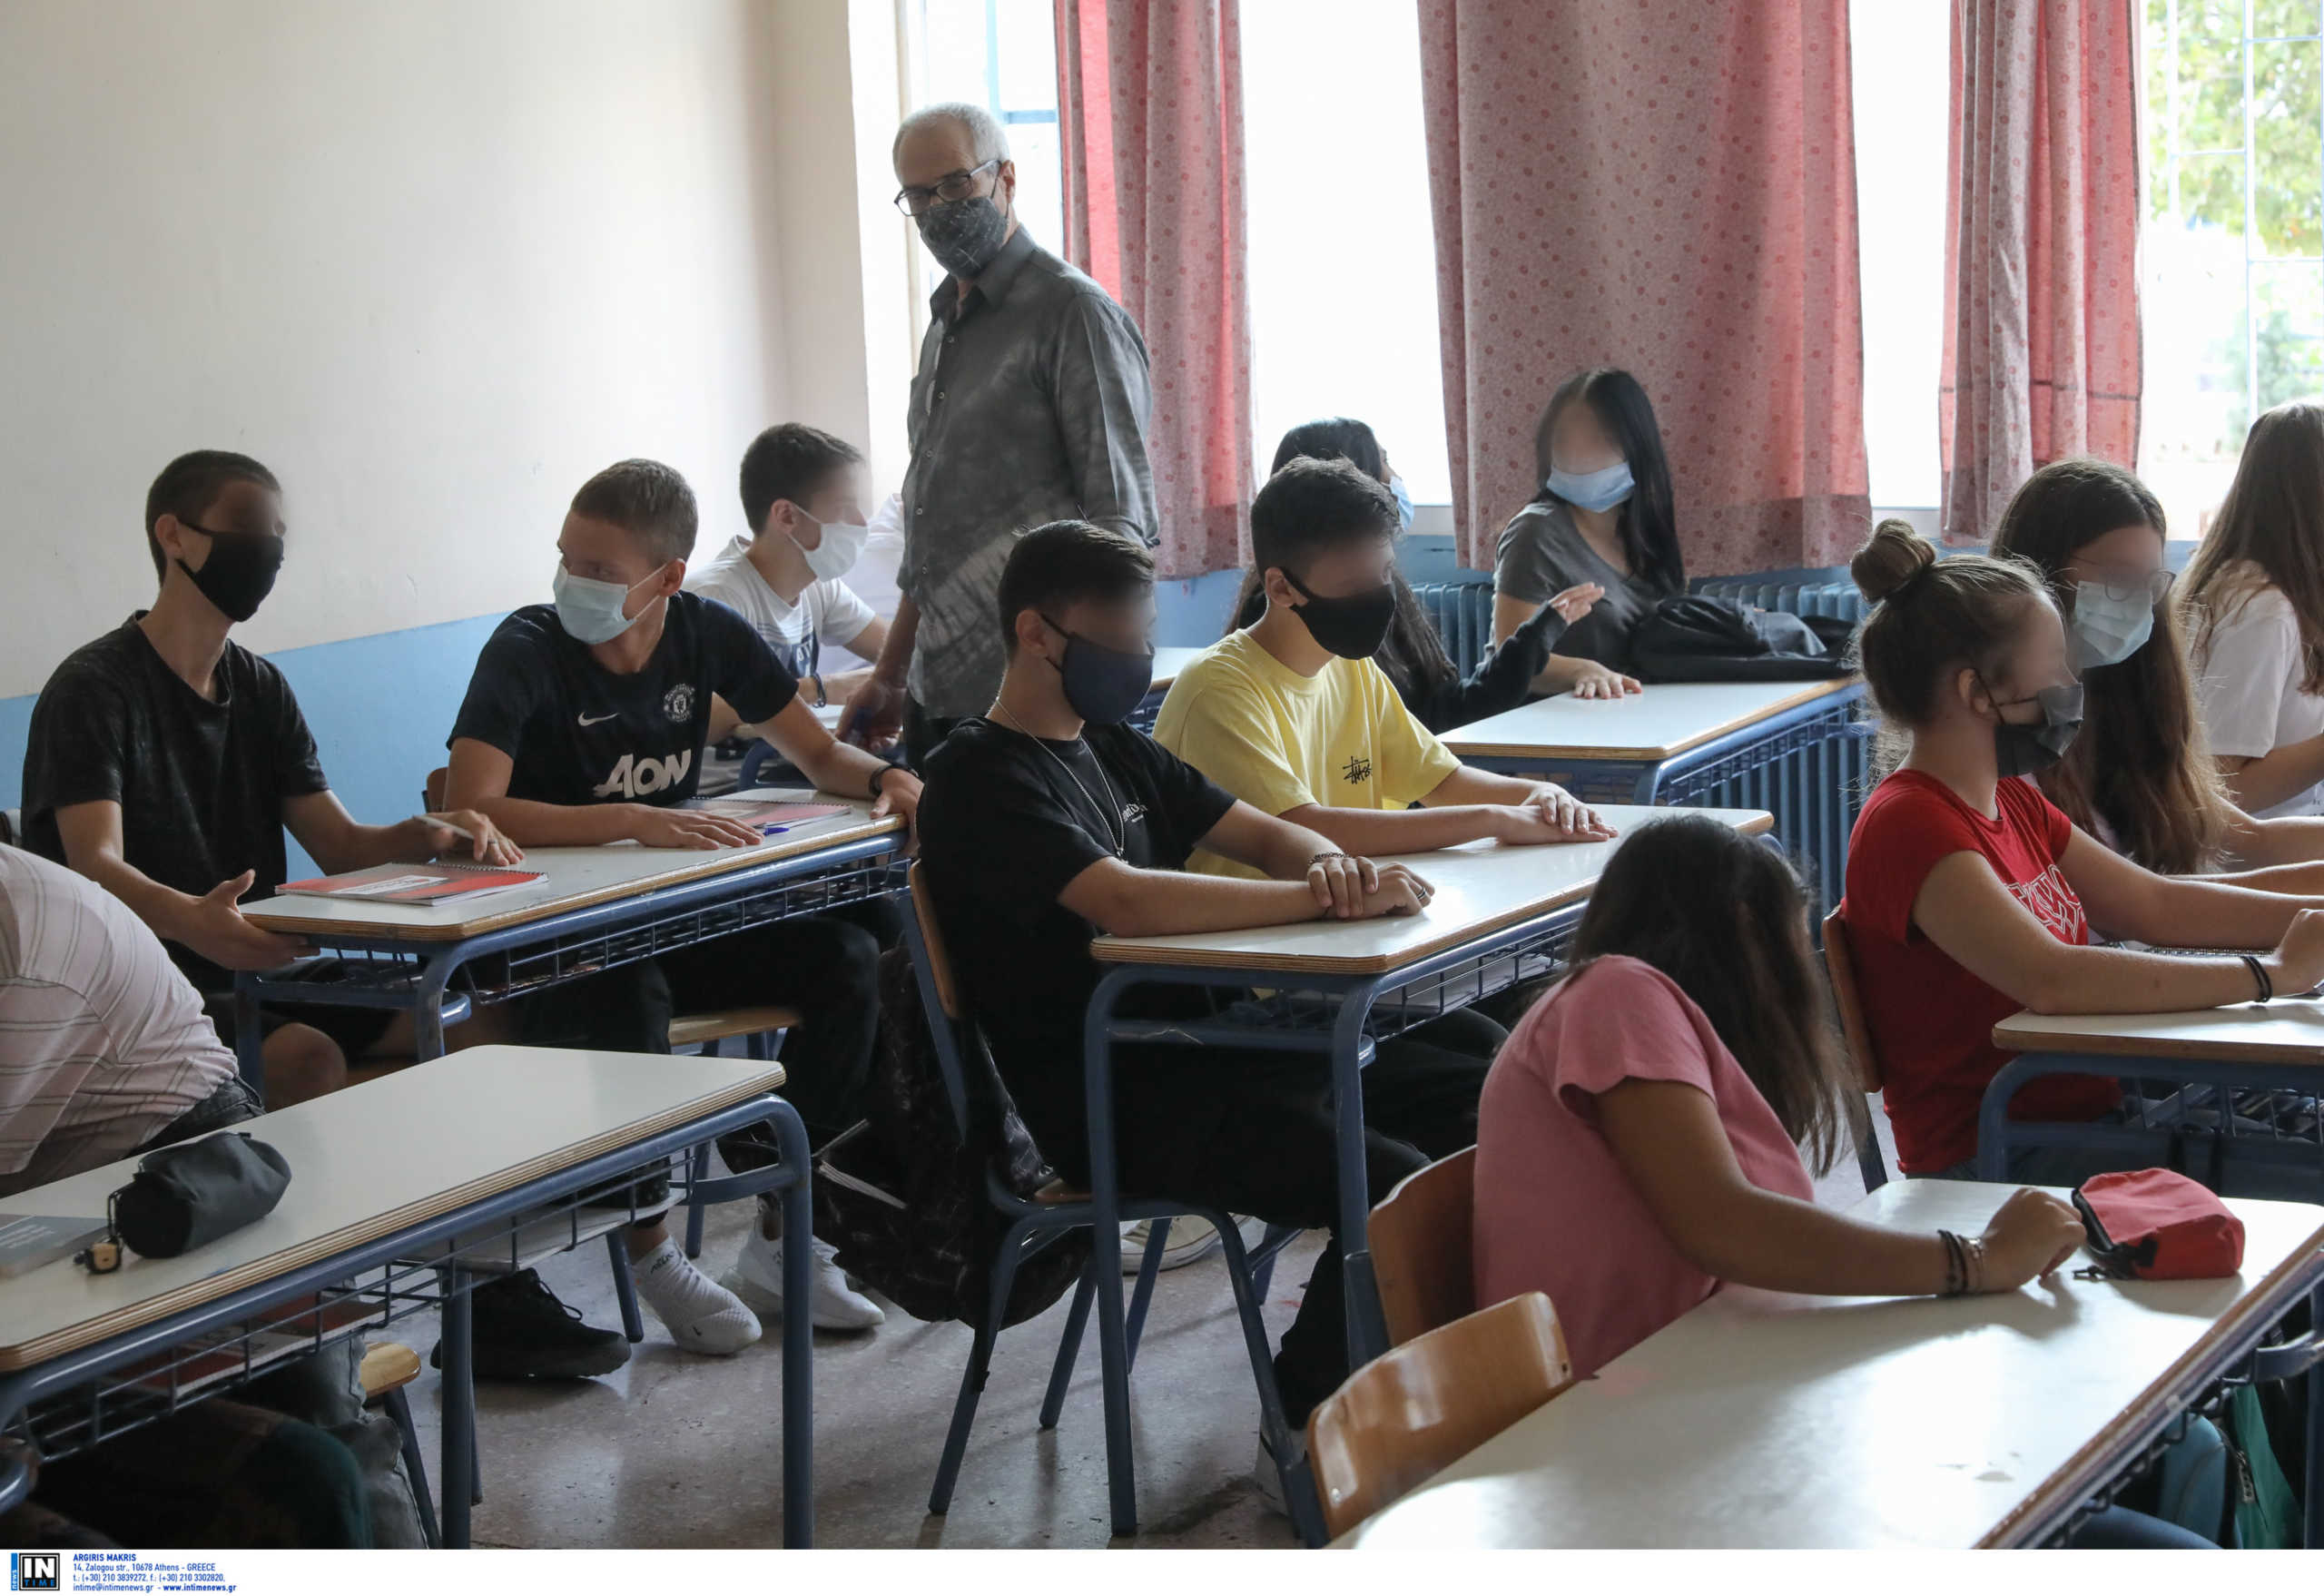 Άνοιγμα σχολείων:Πώς θα γίνει η επιστροφή σε γυμνάσια και λύκεια – Τι θα γίνει με απουσίες και βαθμολογίες